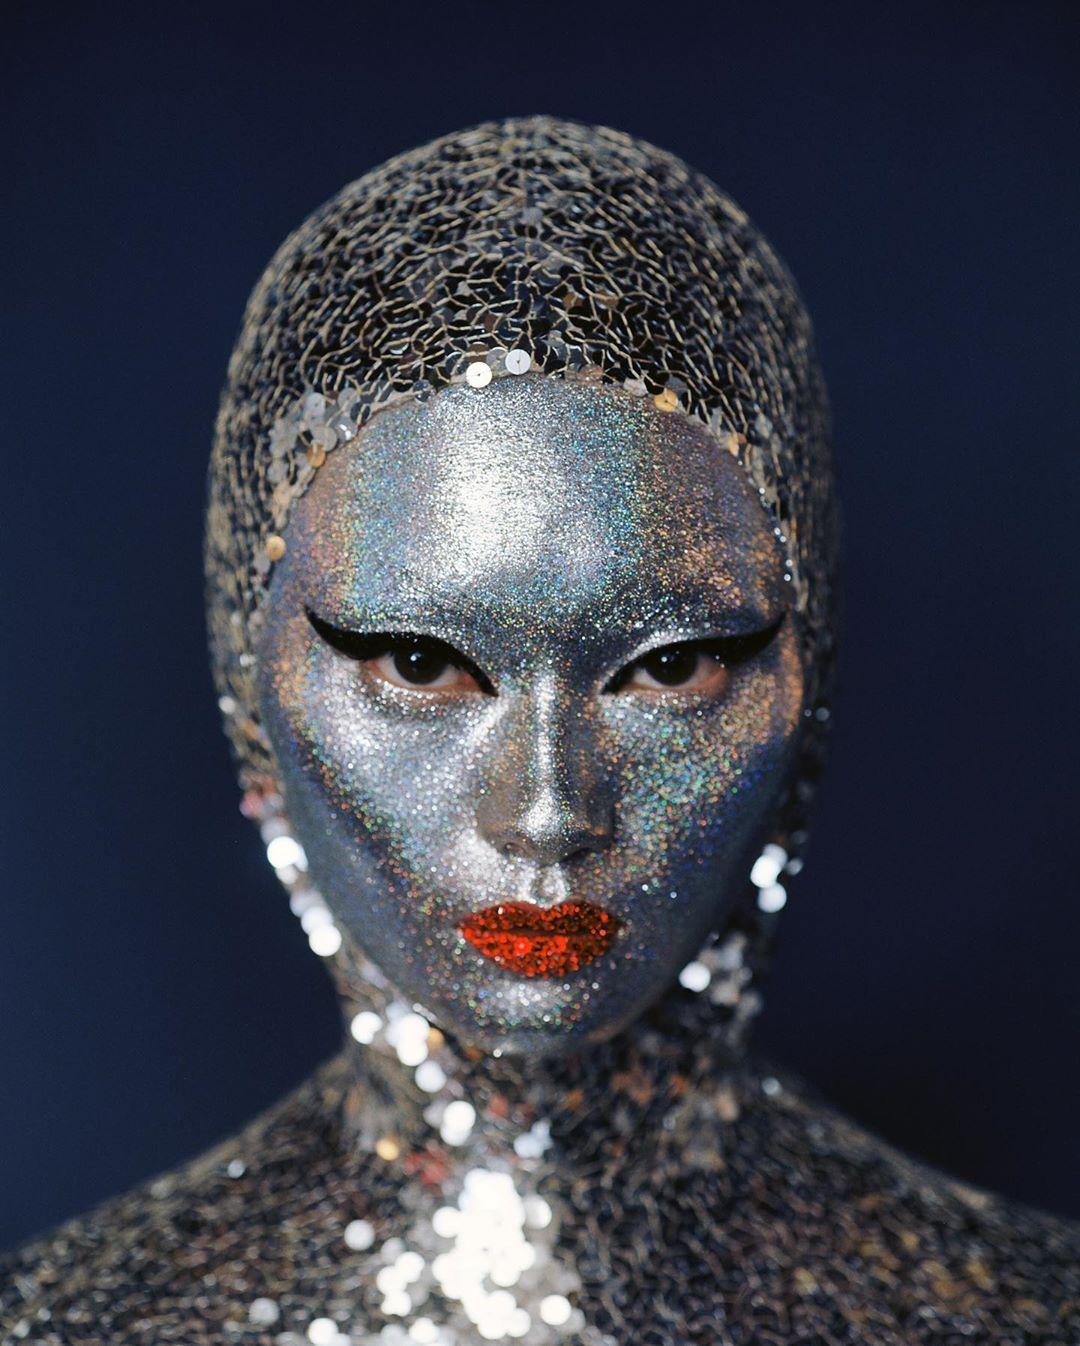 Η Pat McGrath κάλυψε τα πρόσωπα των μοντέλων με ασημί glitter στο show του Valentino!